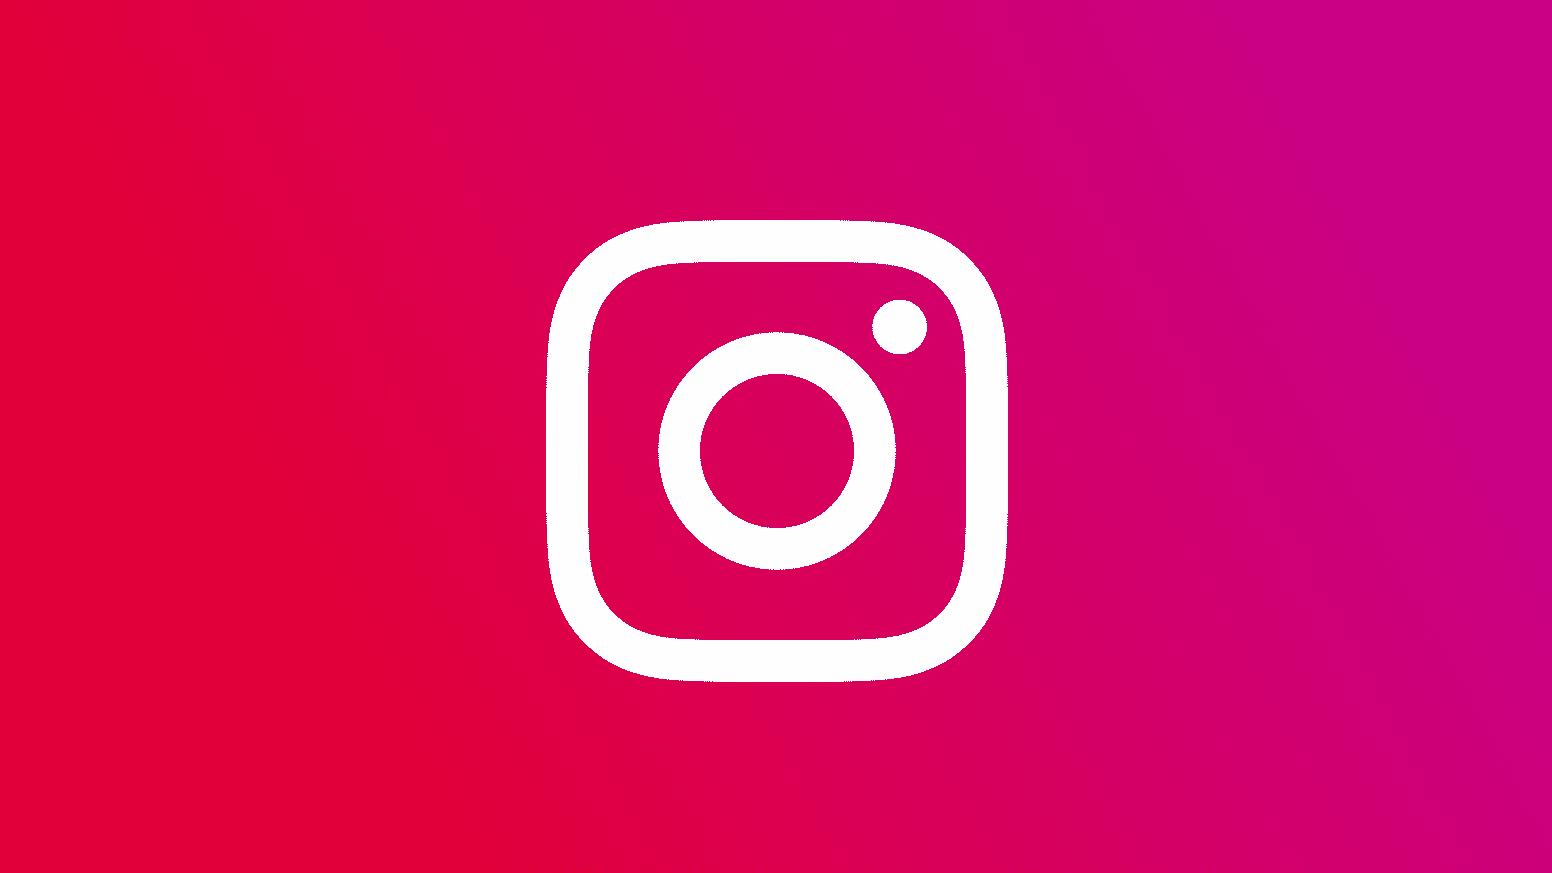 Sociálna sieť Instagram odstraňuje lajky